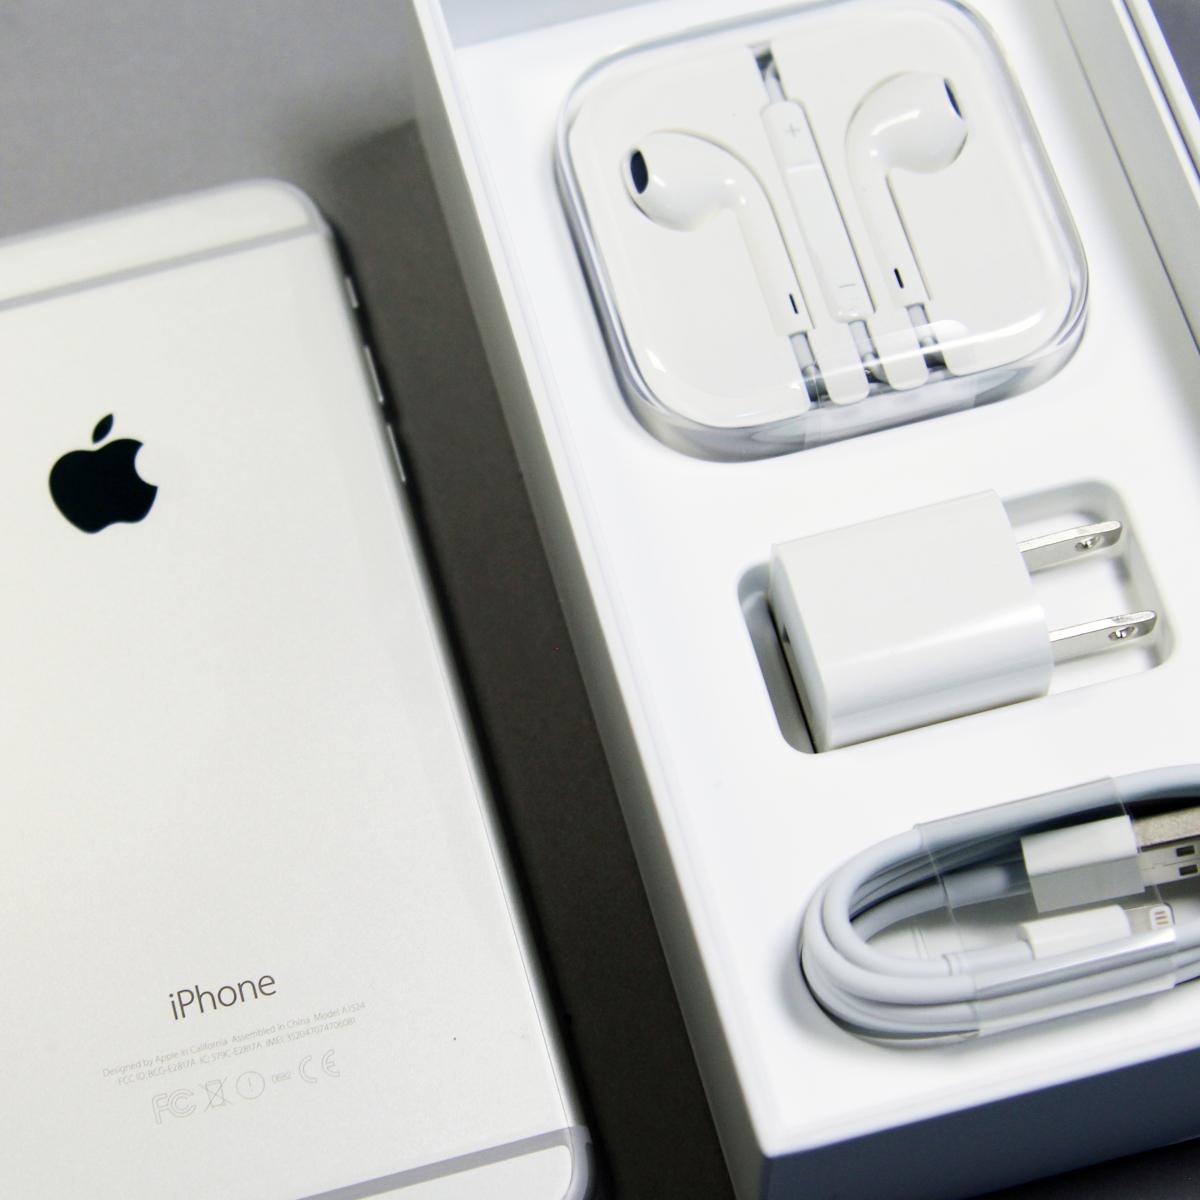 iPhone CPO là gì và có nên mua iPhone CPO hay không? hình 2